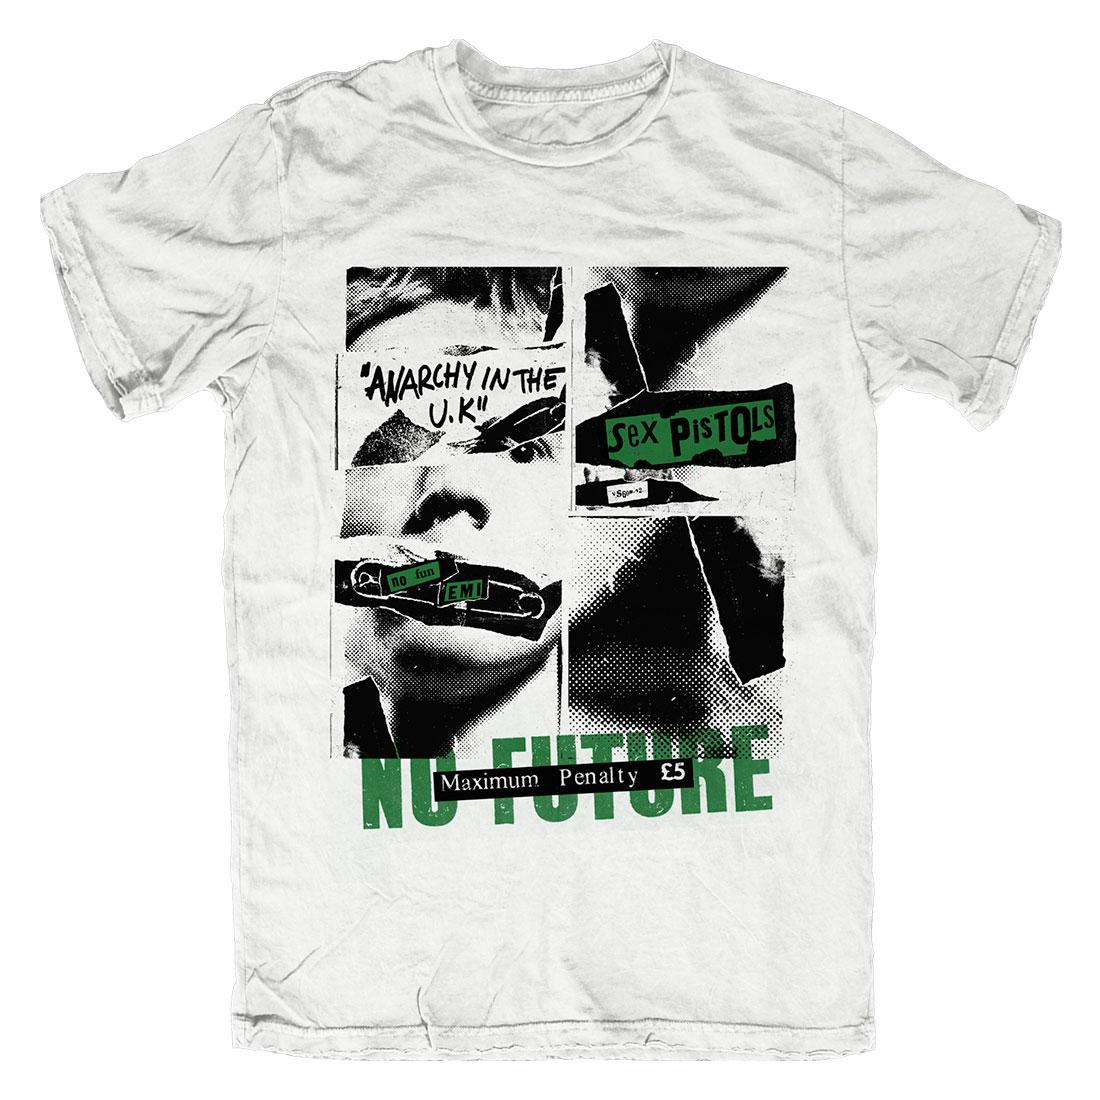 No Future - White T-Shirt